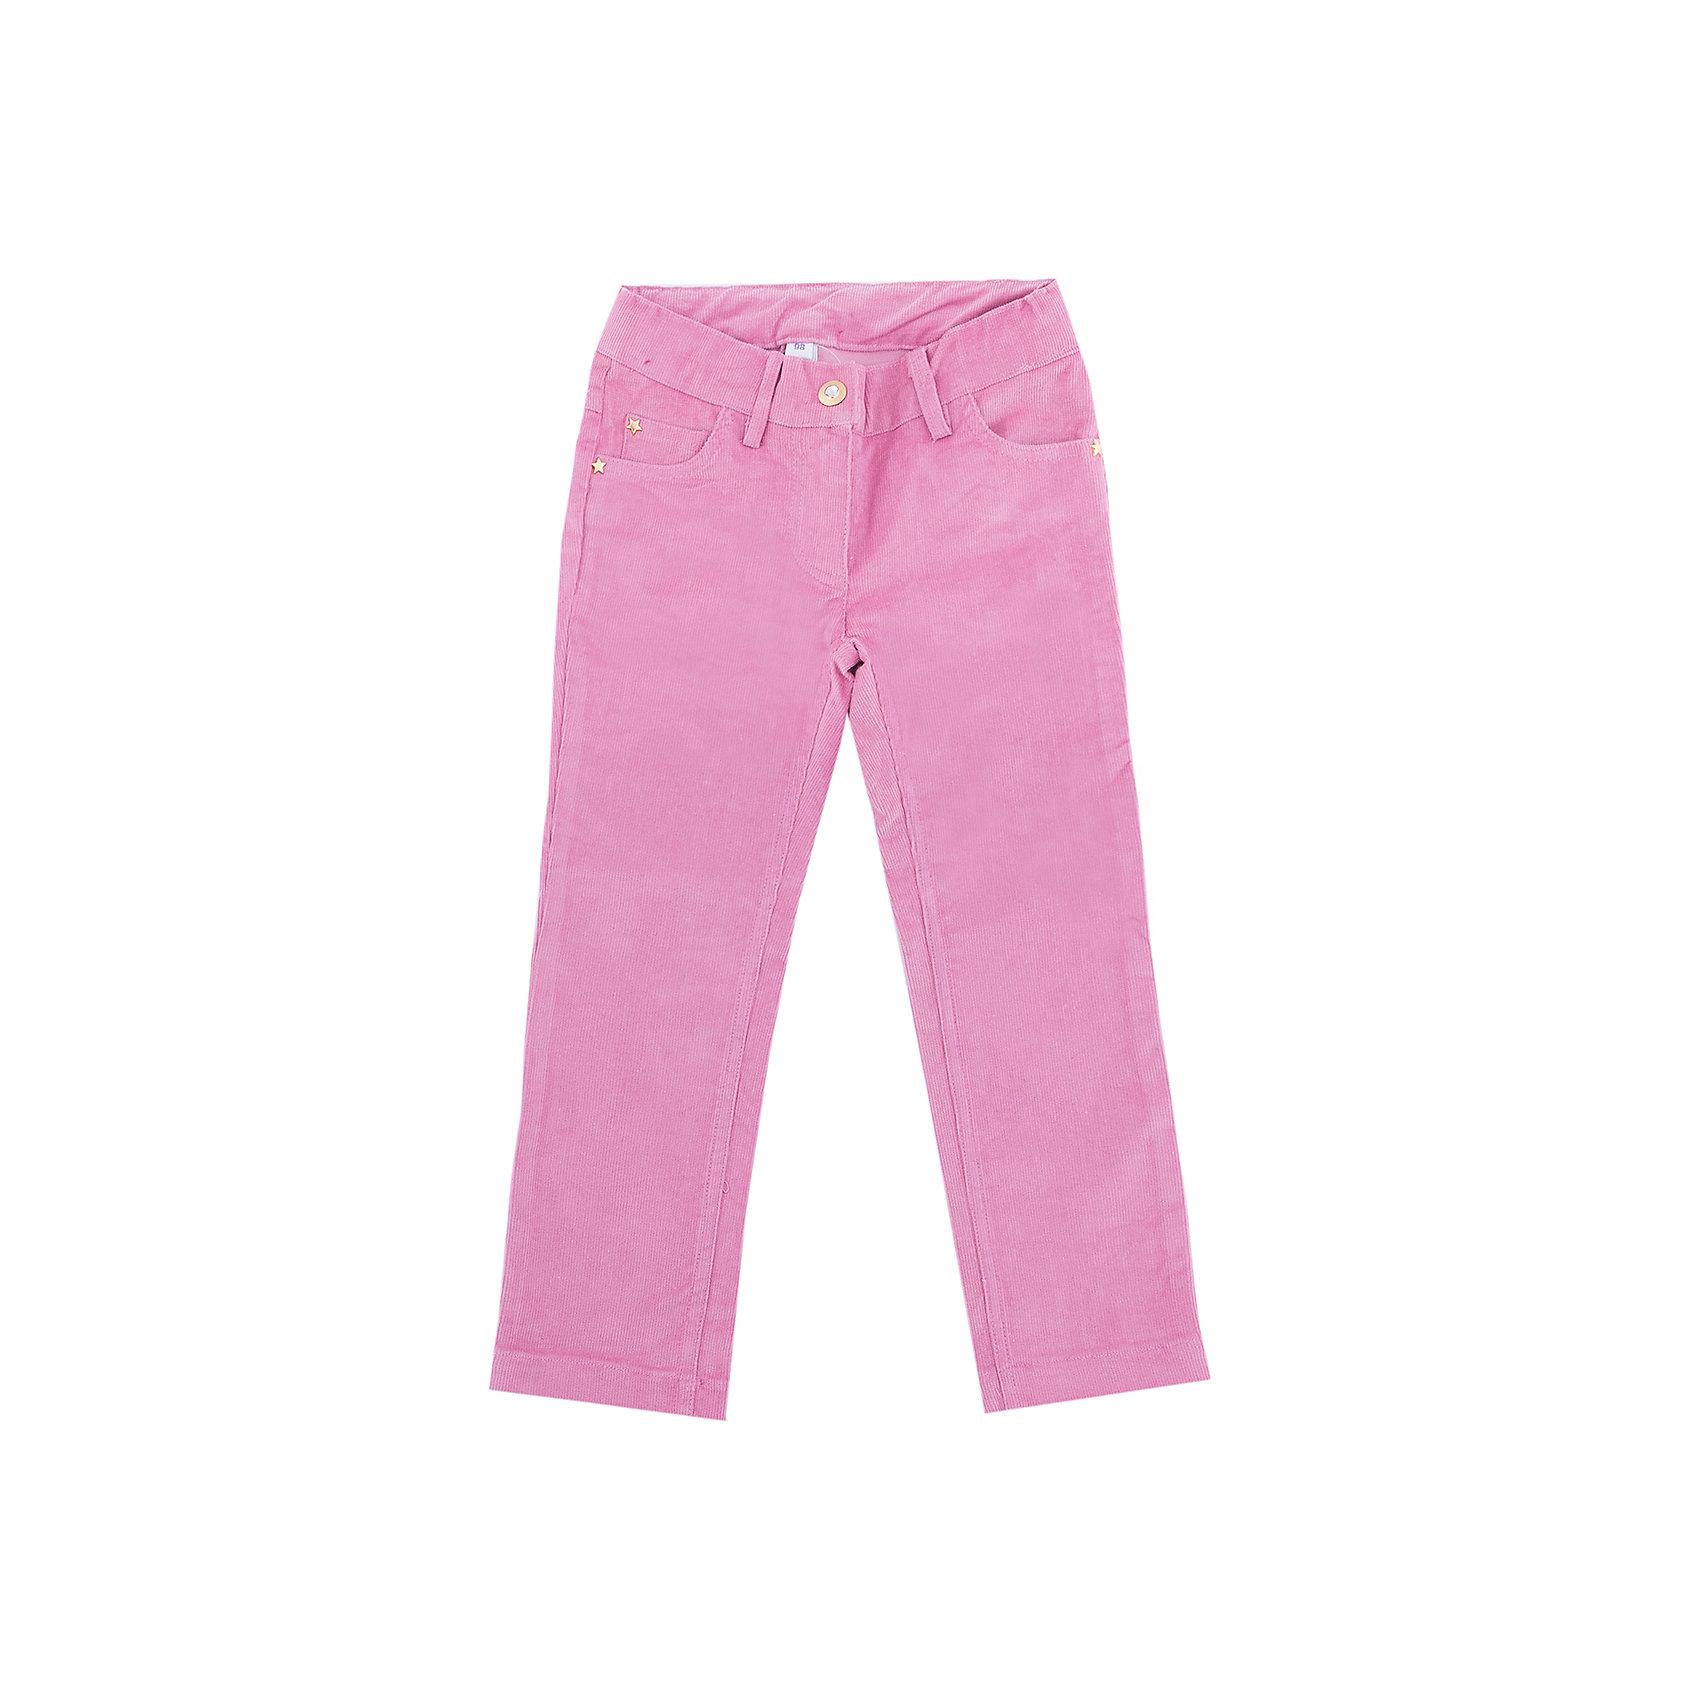 Брюки PlayToday для девочкиБрюки<br>Брюки PlayToday для девочки<br>Практичные вельветовые брюки из натурального хлопка. Классическая 5-ти карманная модель, дополнена шлевками. При необходимости можно использовать ремень. Изнутри пояс можно отрегулировать за счет удобной резинки на пуговицах.<br>Состав:<br>97% хлопок, 3% эластан<br><br>Ширина мм: 215<br>Глубина мм: 88<br>Высота мм: 191<br>Вес г: 336<br>Цвет: розовый<br>Возраст от месяцев: 24<br>Возраст до месяцев: 36<br>Пол: Женский<br>Возраст: Детский<br>Размер: 98,128,122,116,110,104<br>SKU: 7115132